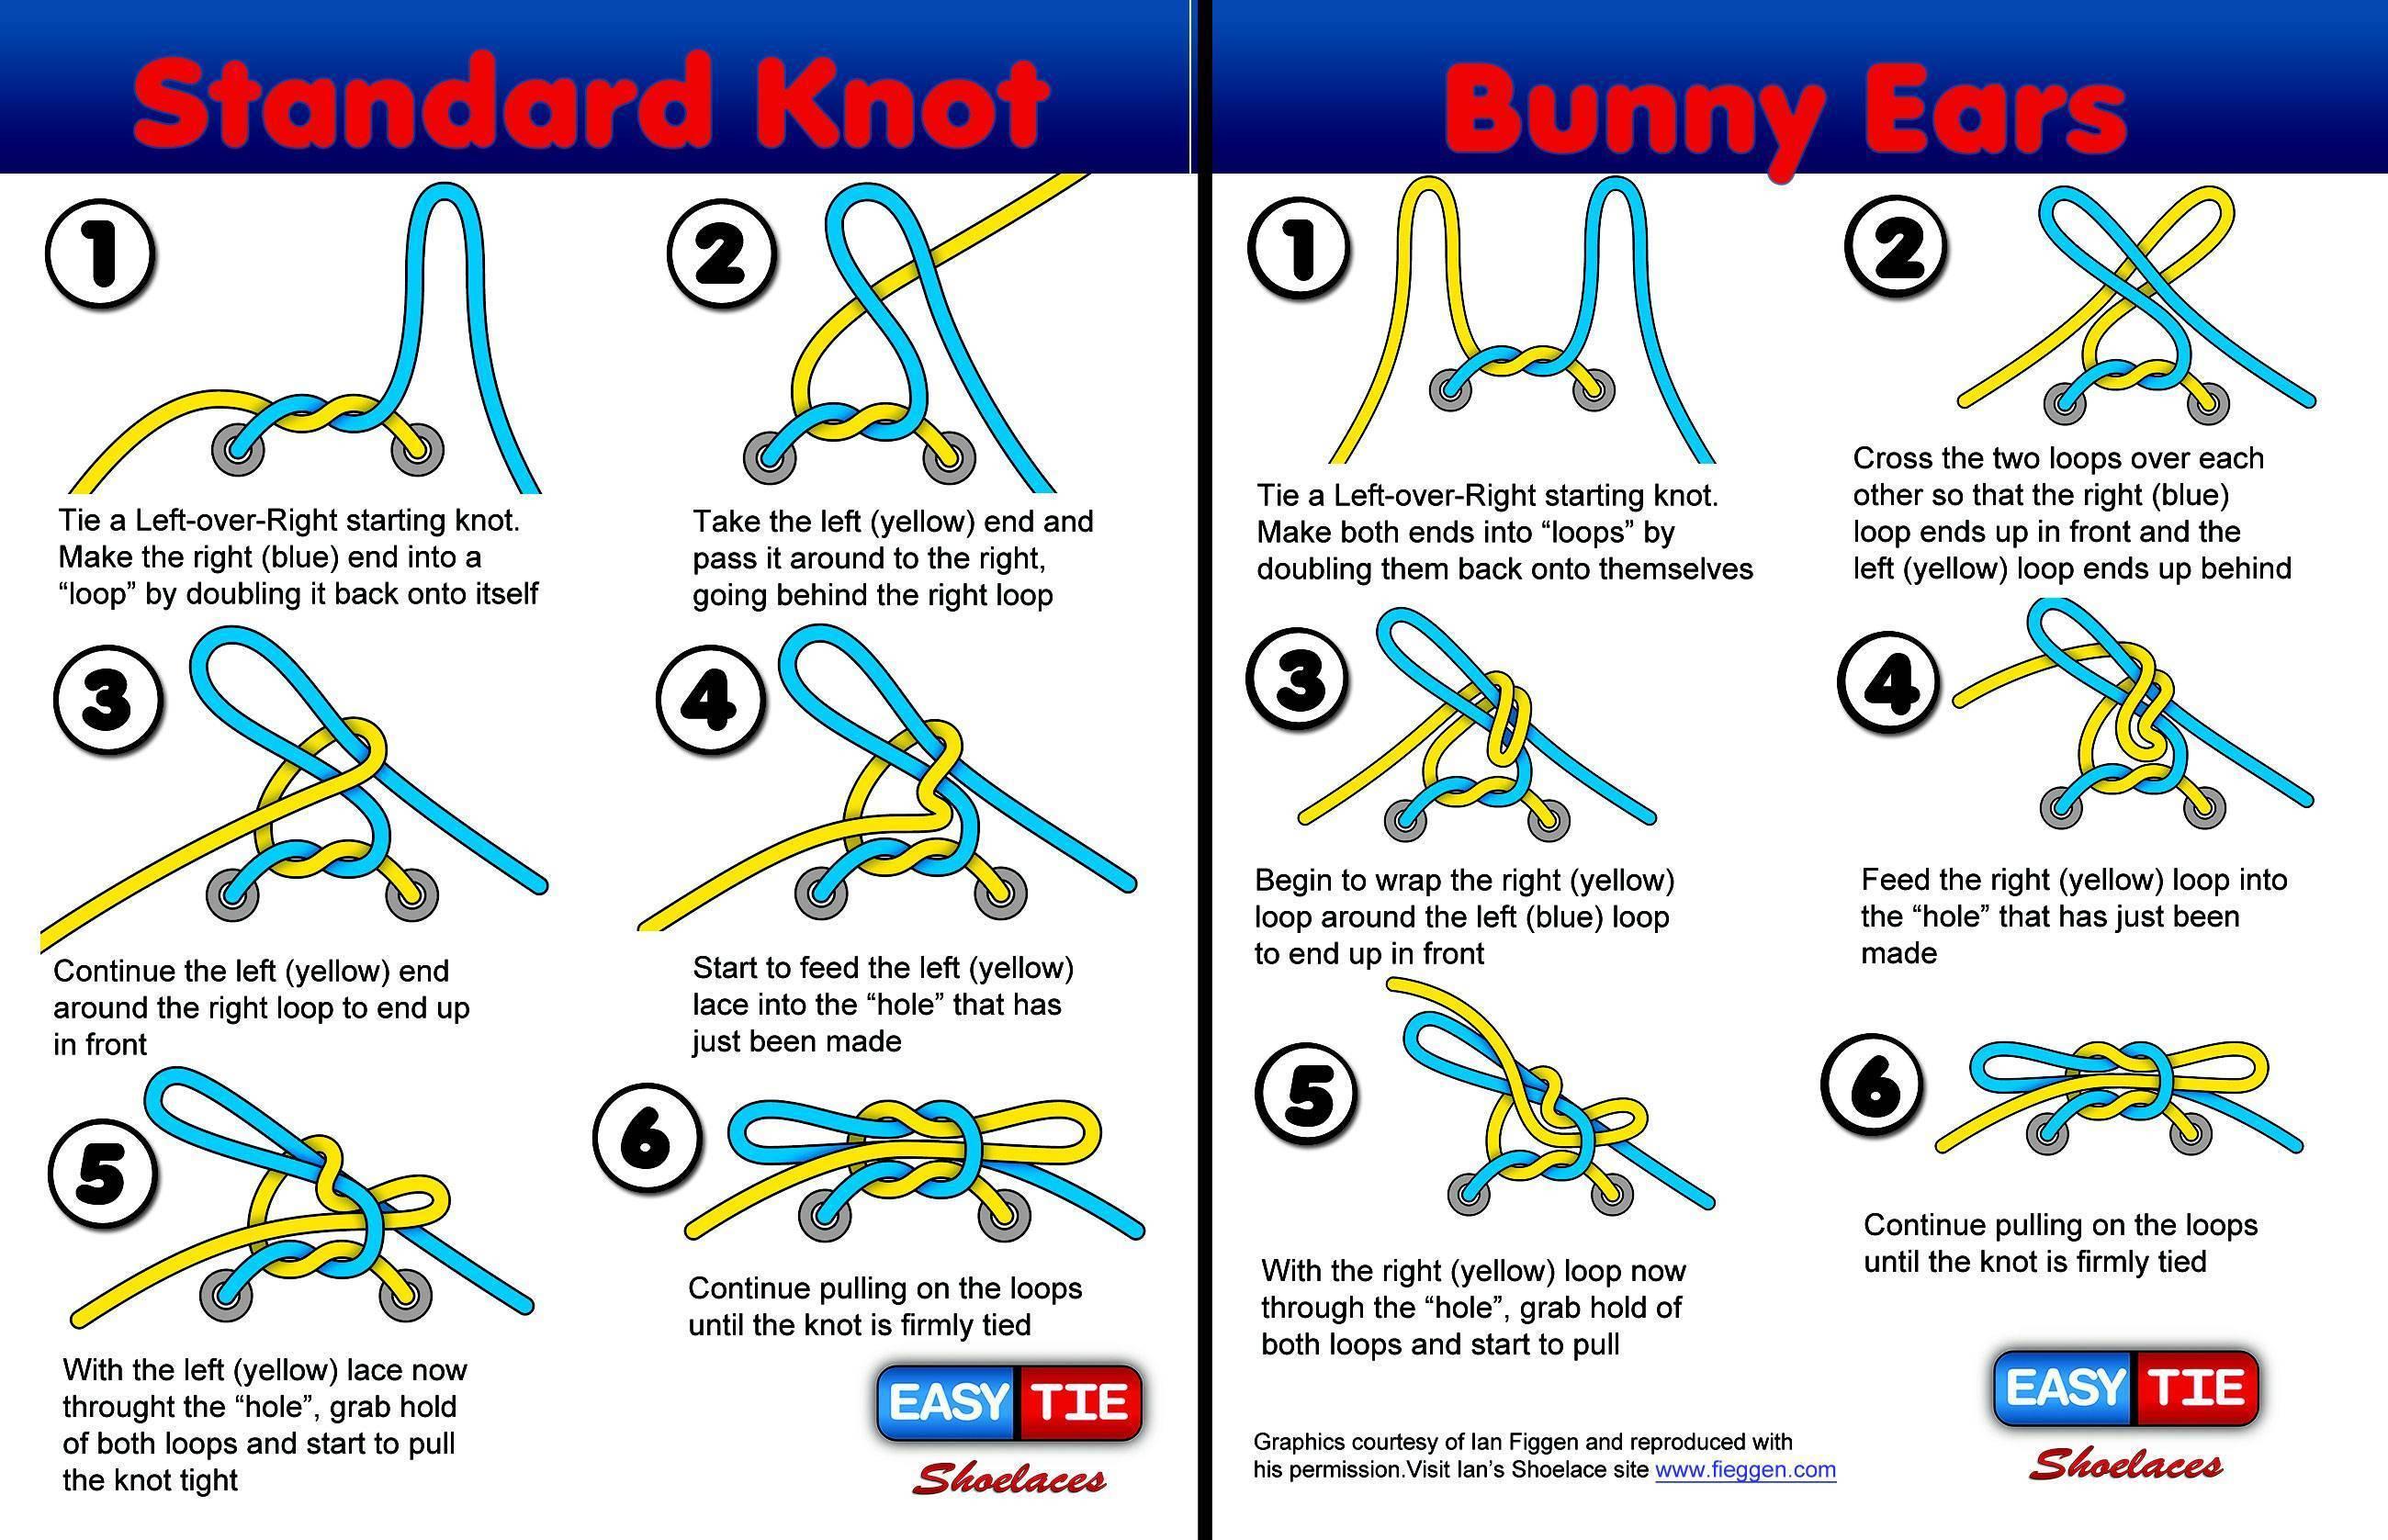 Как быстро и просто научить ребенка завязывать шнурки: нехитрые правила обучения. как научить ребенка завязывать шнурки разными способами как быстро научится завязывать шнурки